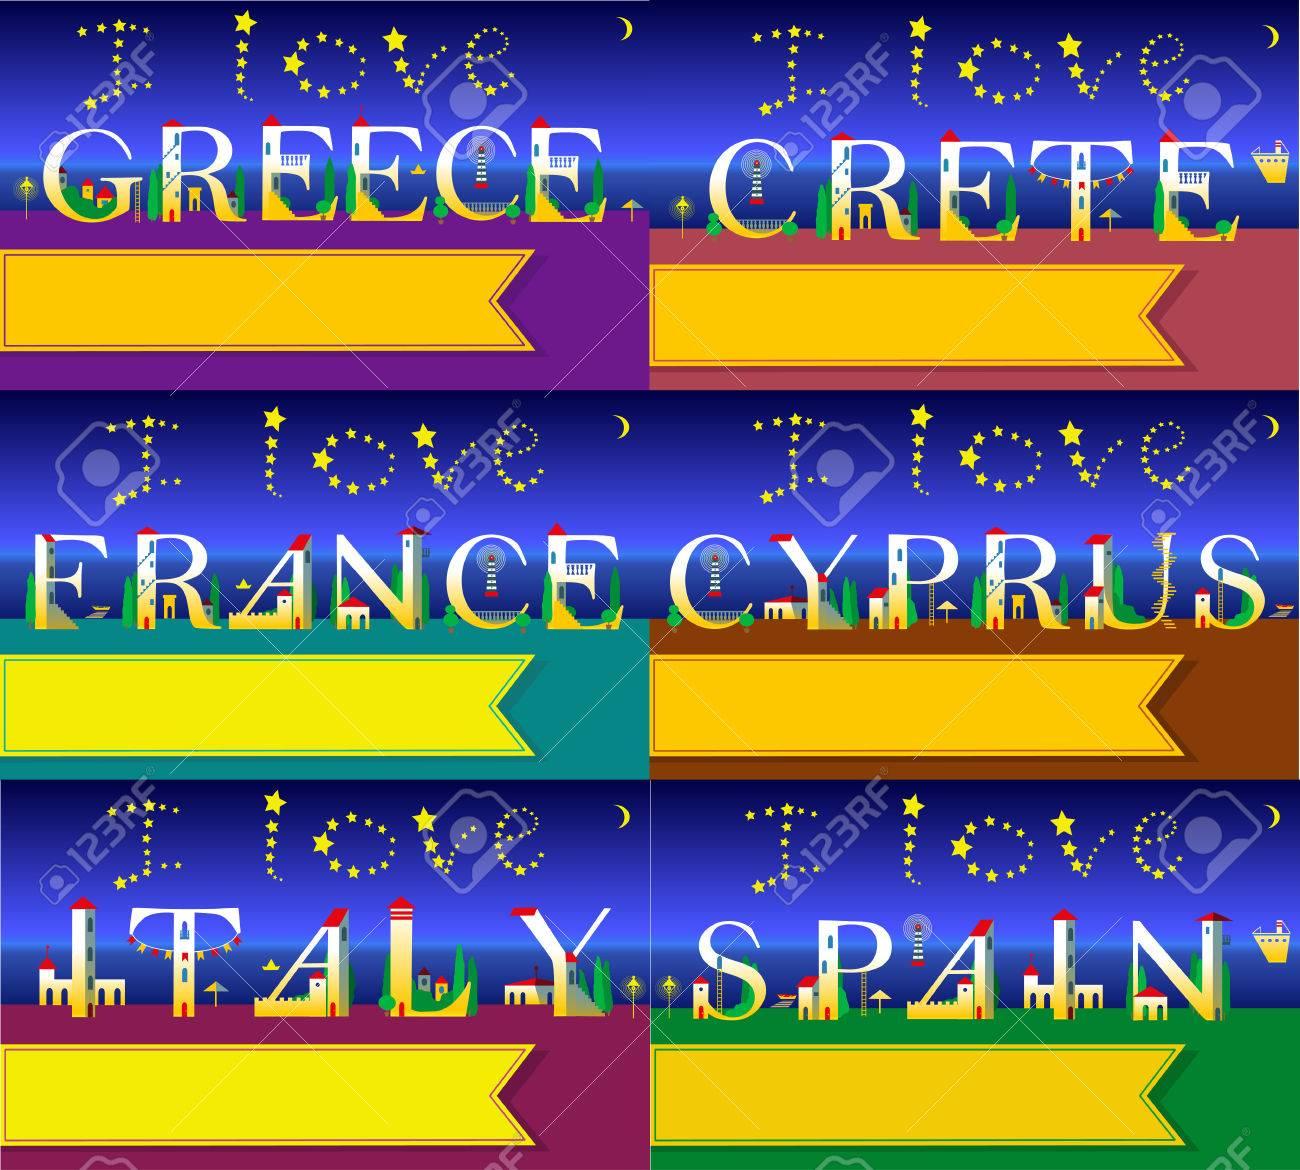 Carte Crete Chypre.Cartes De Voyage Police Artistique Plage De Nuit D Ete J Aime L Italie Grece Espagne France Crete Chypre Des Maisons Blanches Mignonnes